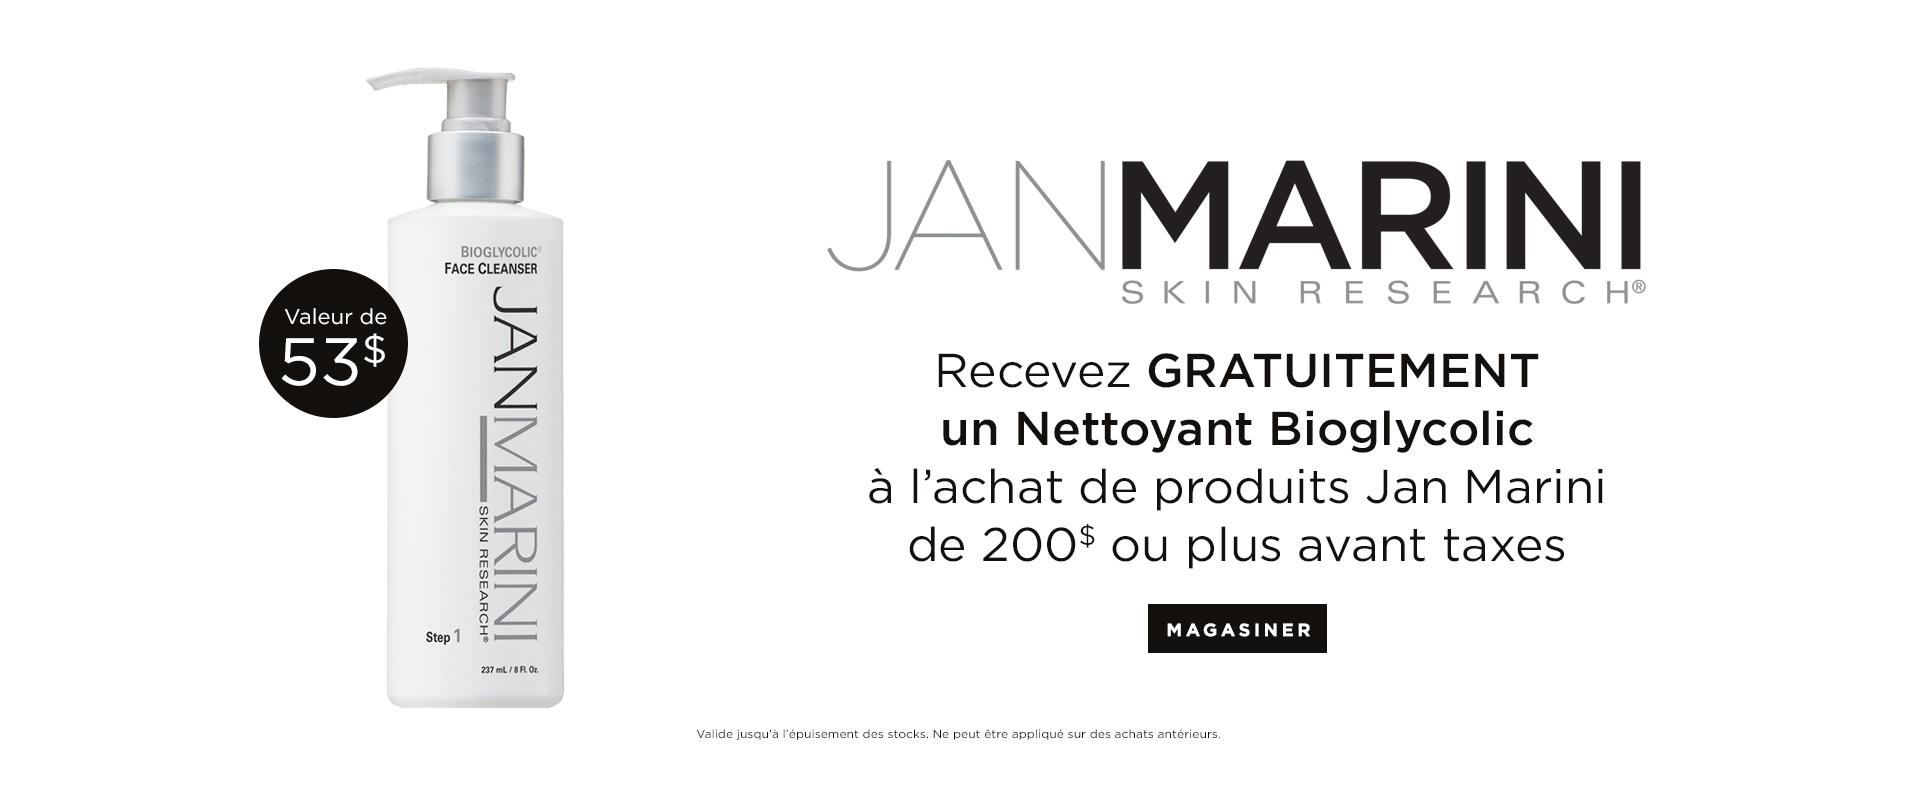 Recevez un Nettoyant Bioglycolic GRATUITEMENT avec achat de 100$ ou plus de produits Jan Marini.